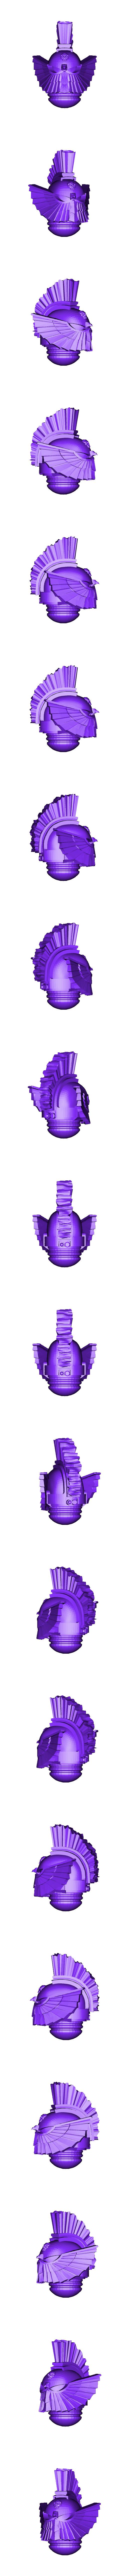 eagle_head_legate_skull.stl Download STL file Ultra Chapter Bladeguard/Terminator upgrade set • 3D printer design, vb2341